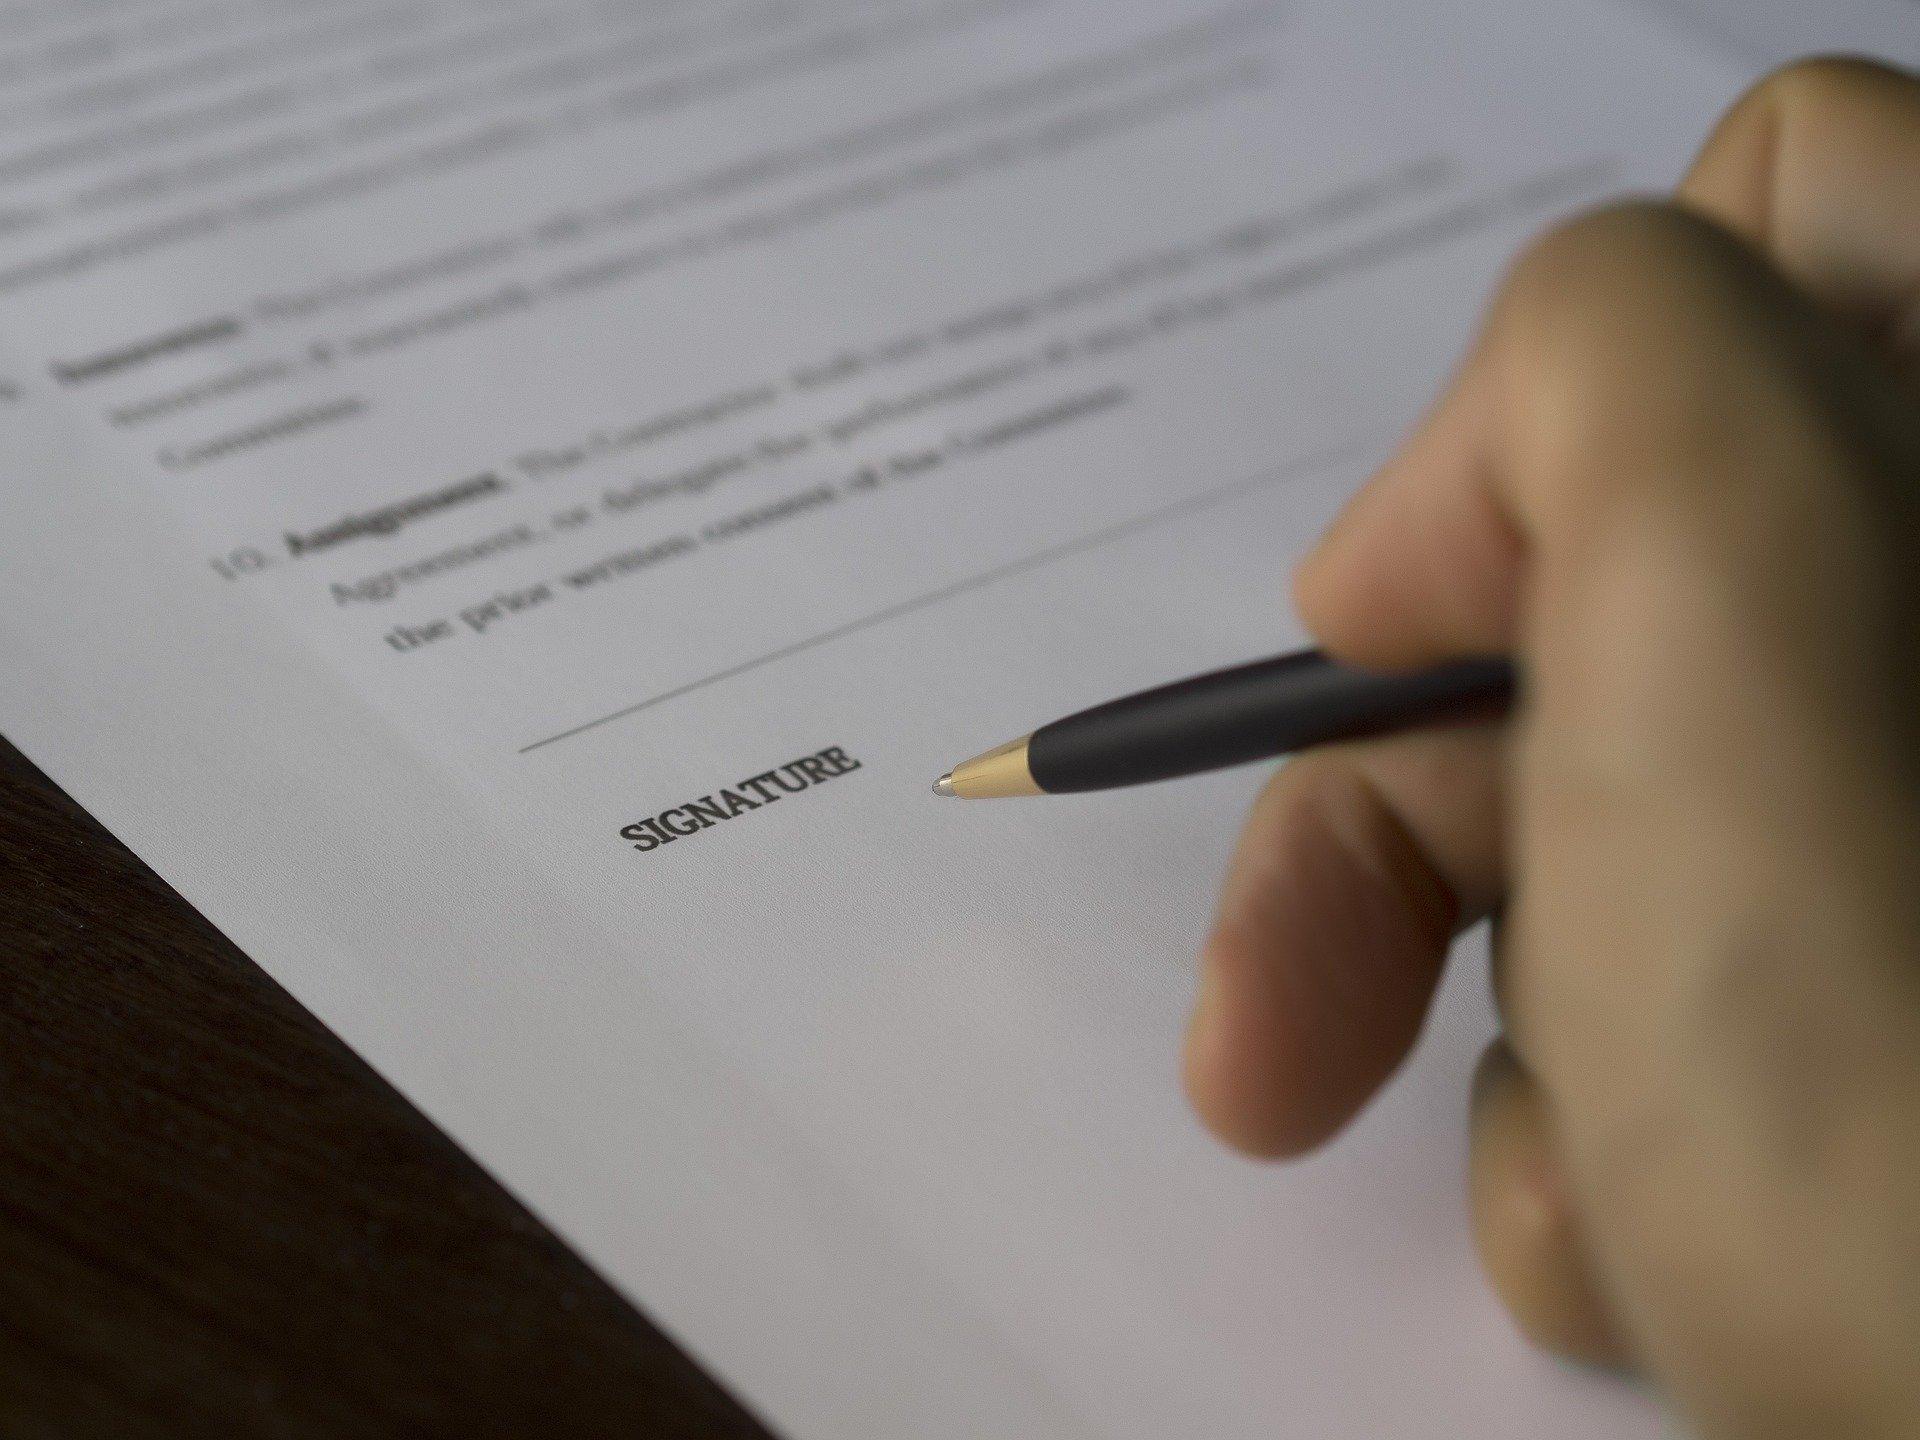 Succesion et testament Notaire